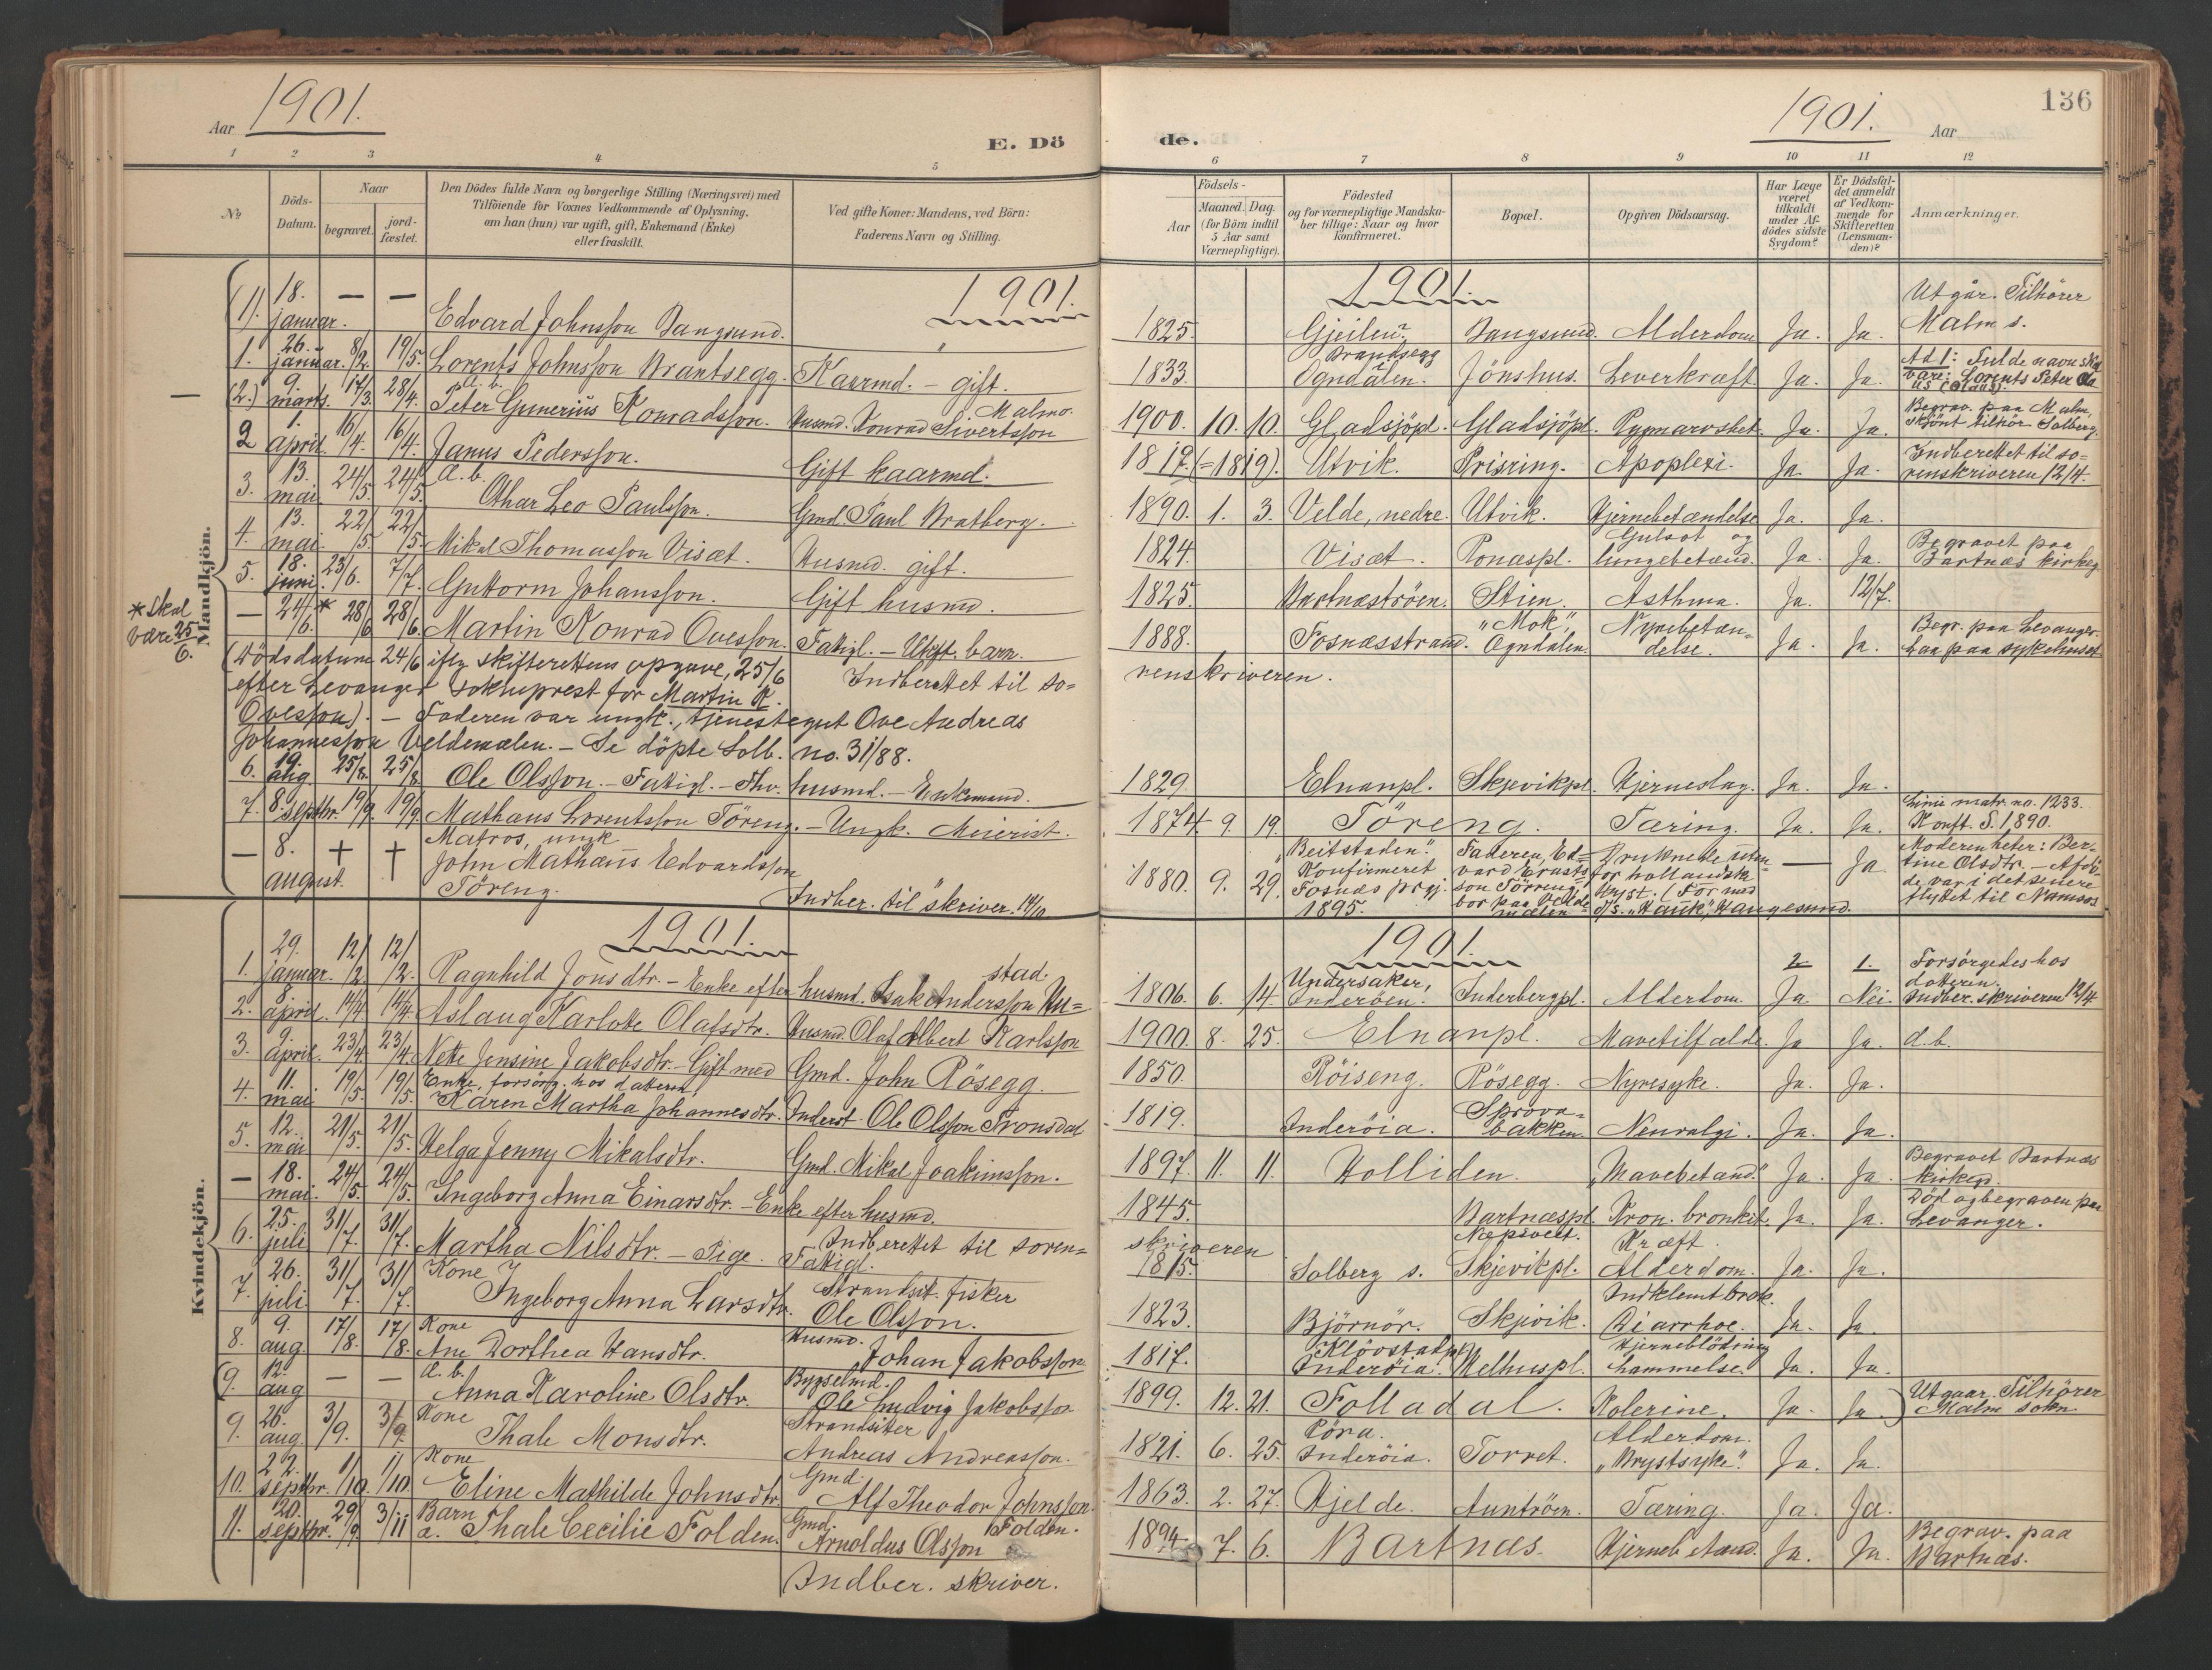 SAT, Ministerialprotokoller, klokkerbøker og fødselsregistre - Nord-Trøndelag, 741/L0397: Ministerialbok nr. 741A11, 1901-1911, s. 136